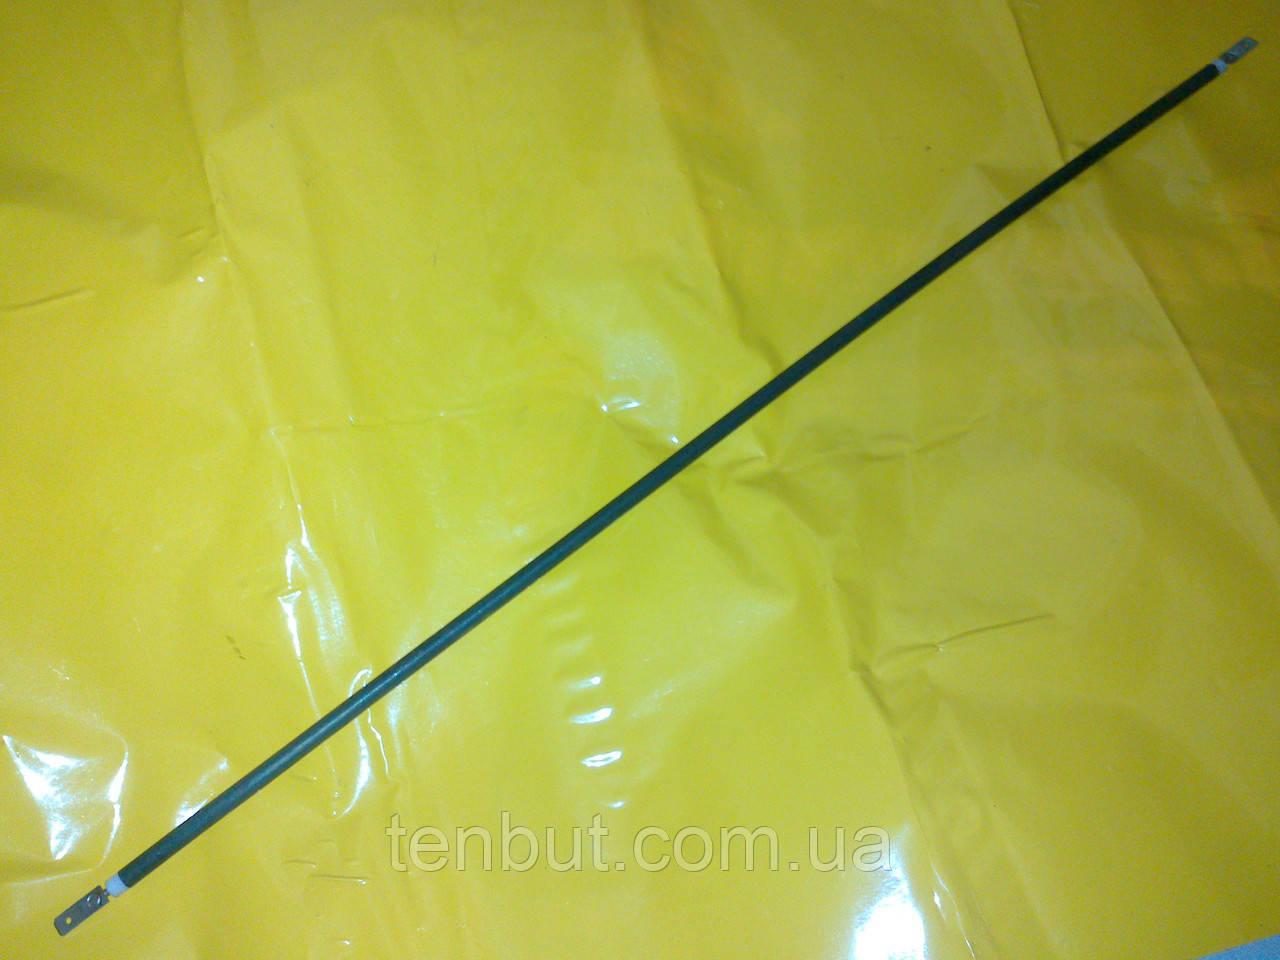 Гибкий воздушный тэн Ф-8 мм./ L-120 см./ 1.2 кВт. производство Турция Sanal